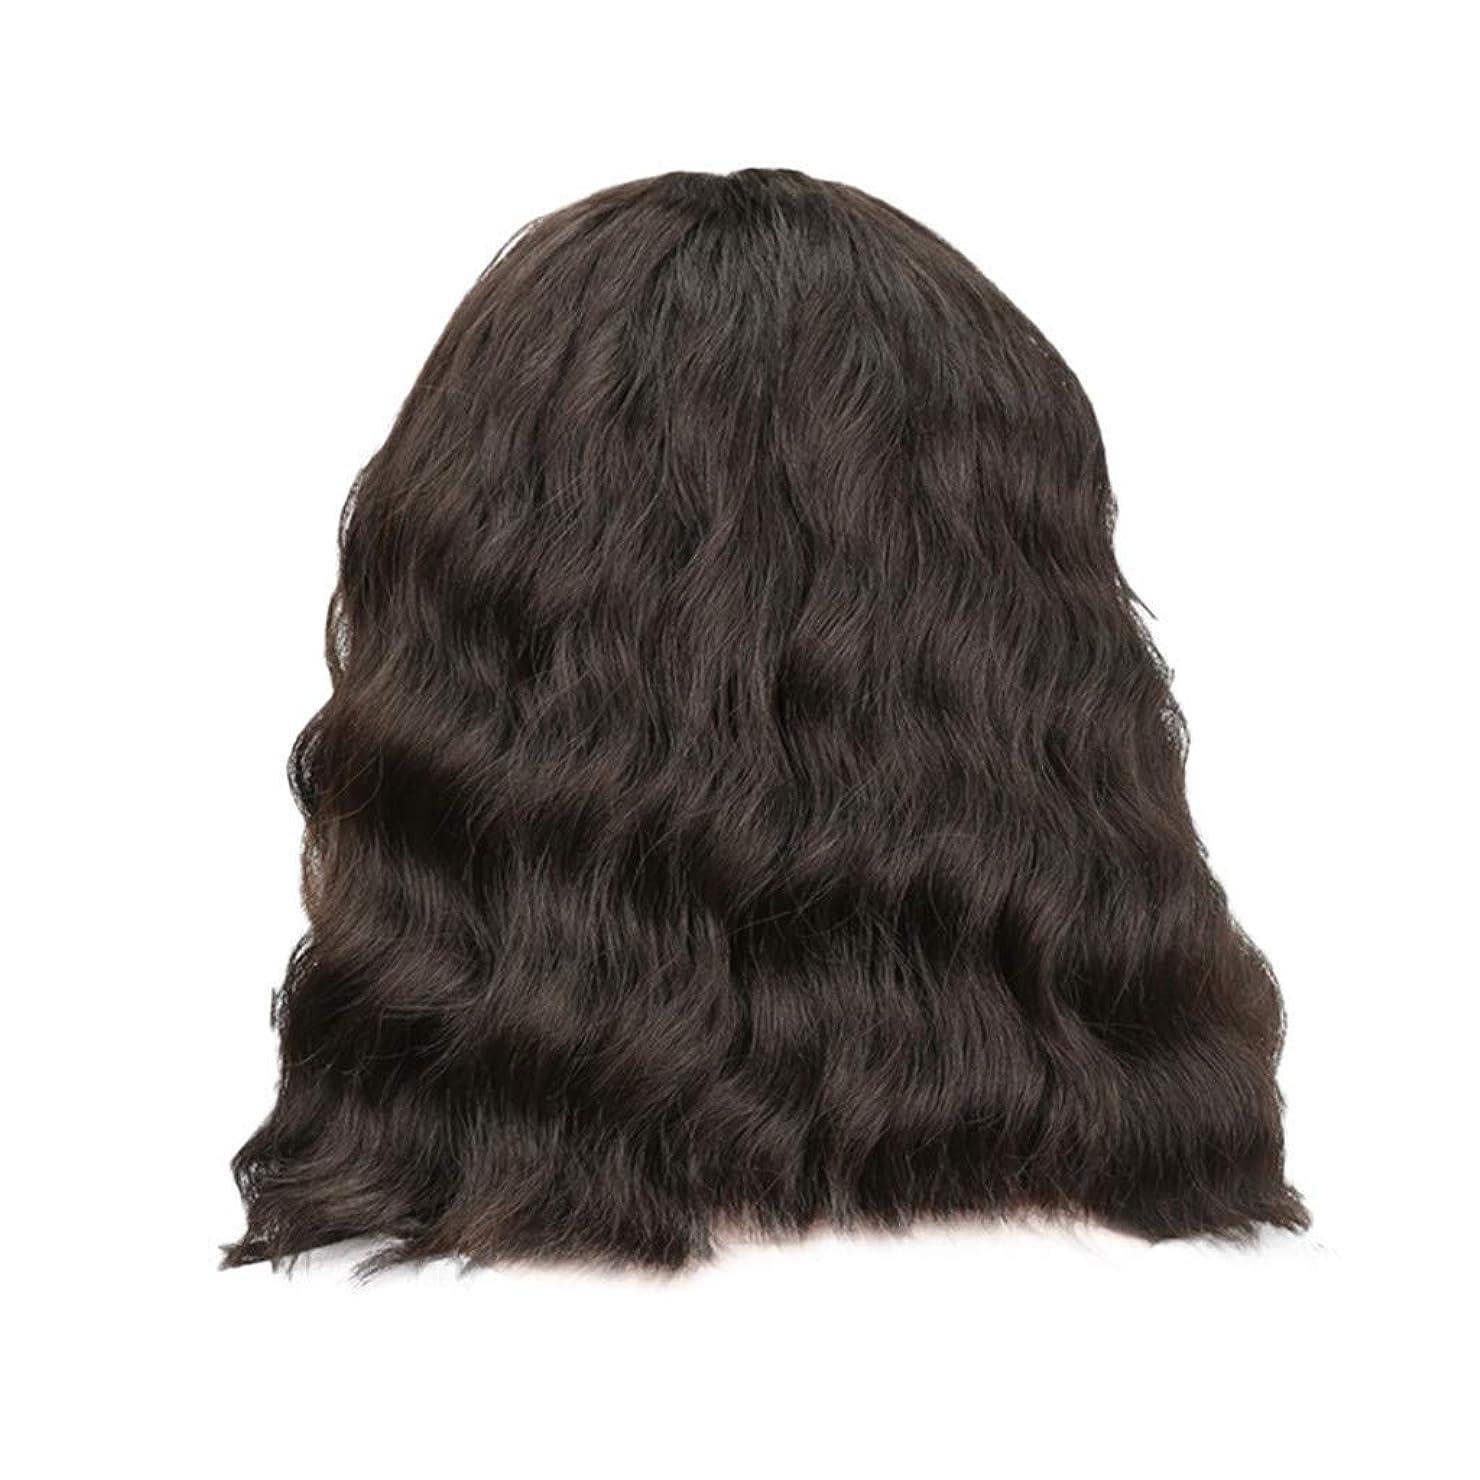 スペシャリスト助けてトーク女性の黒の短い巻き毛のかつらボブ波かつらローズネット34 cm